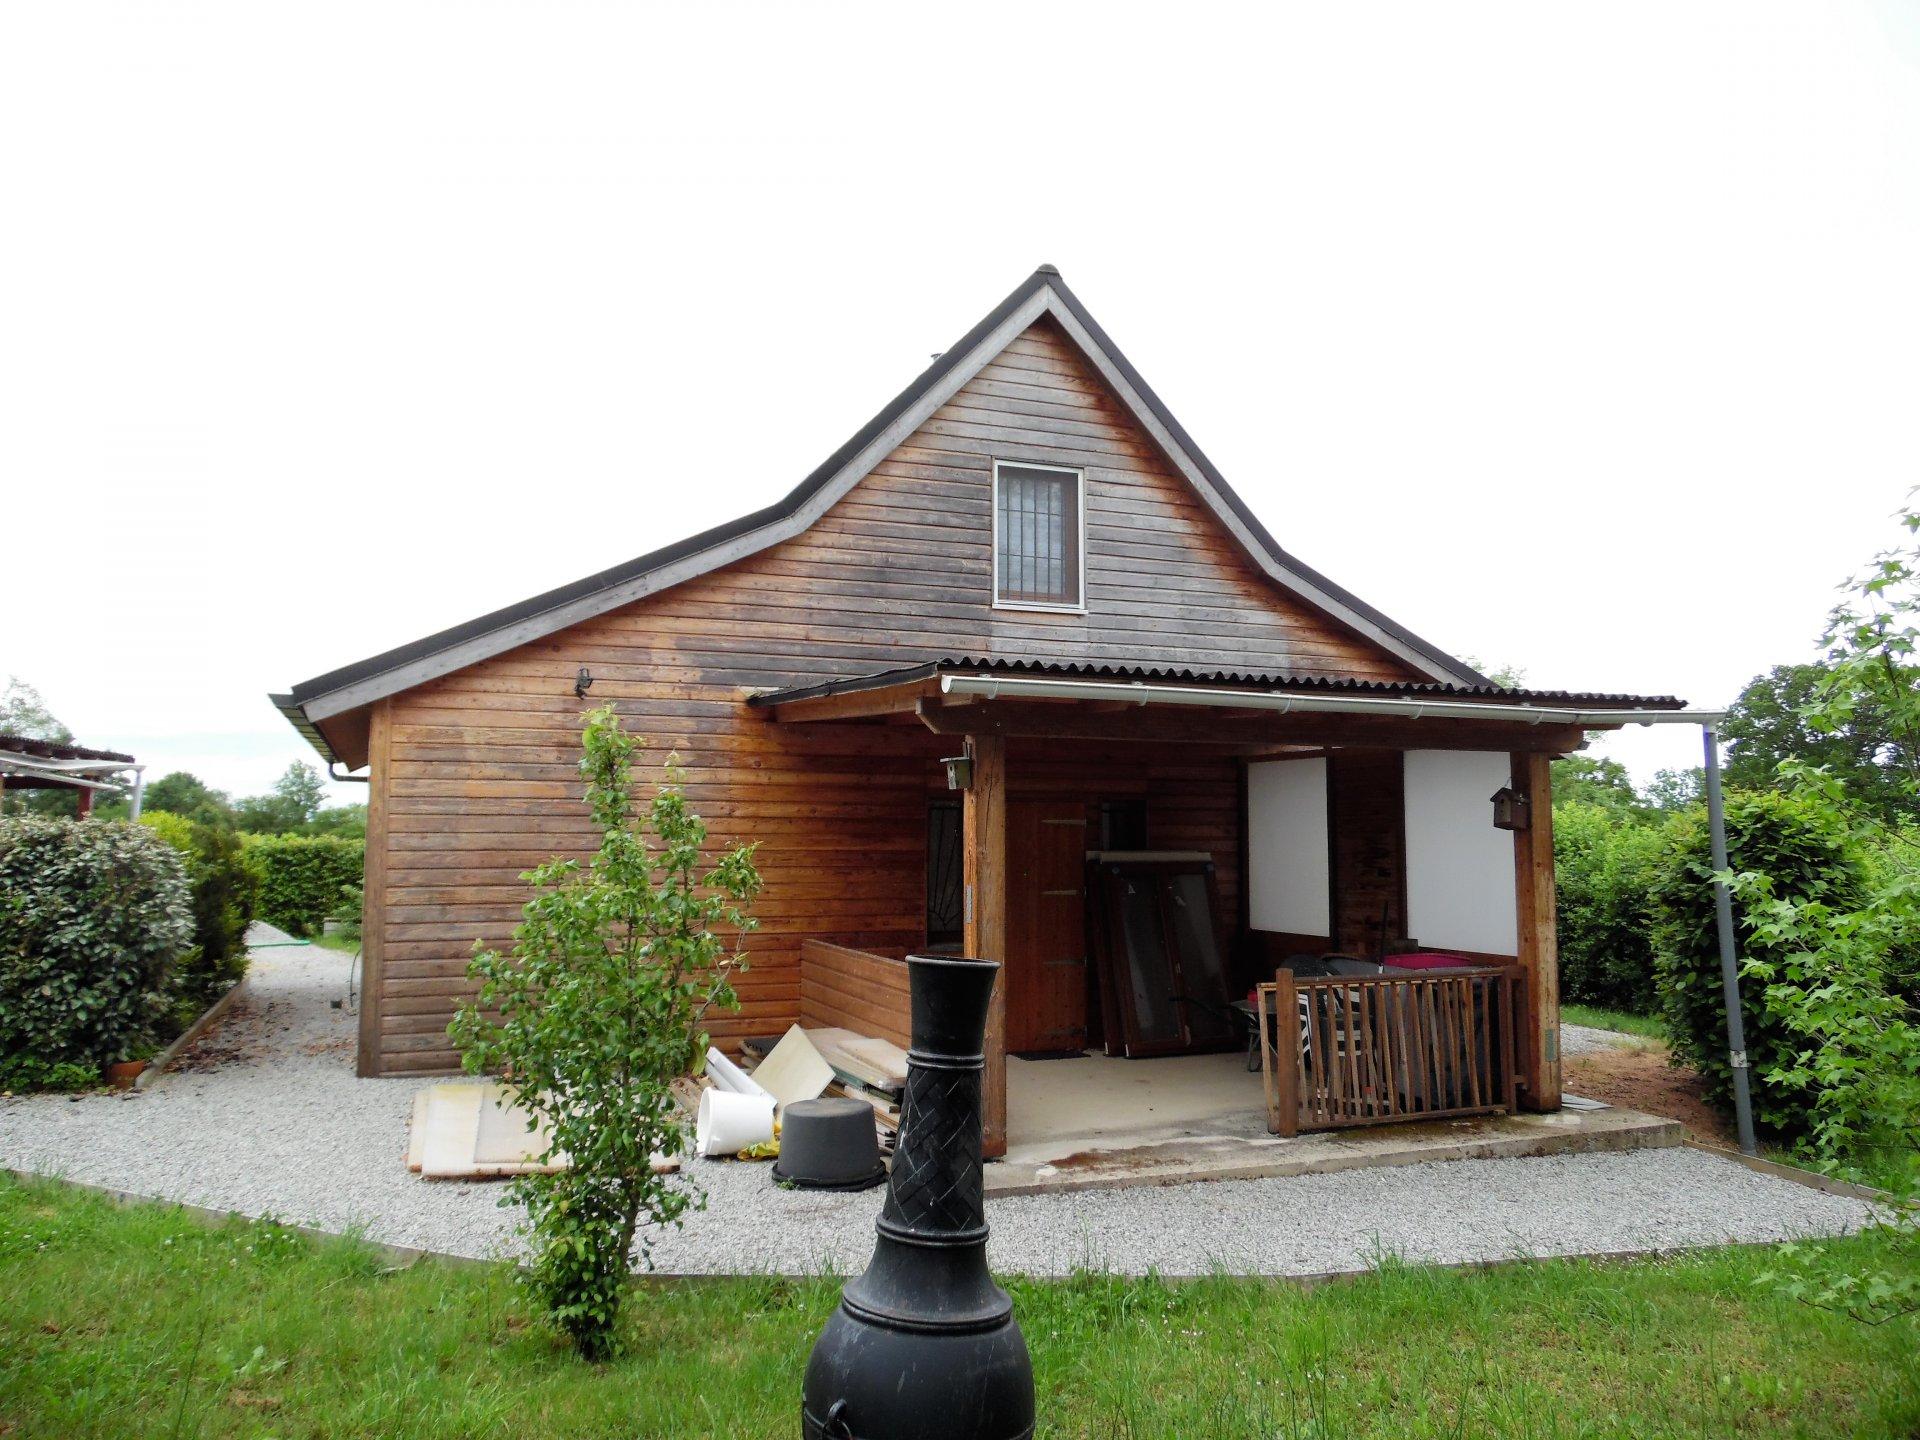 Zu verkaufen in der Creuse ein Holzchalet, Garage und Garten